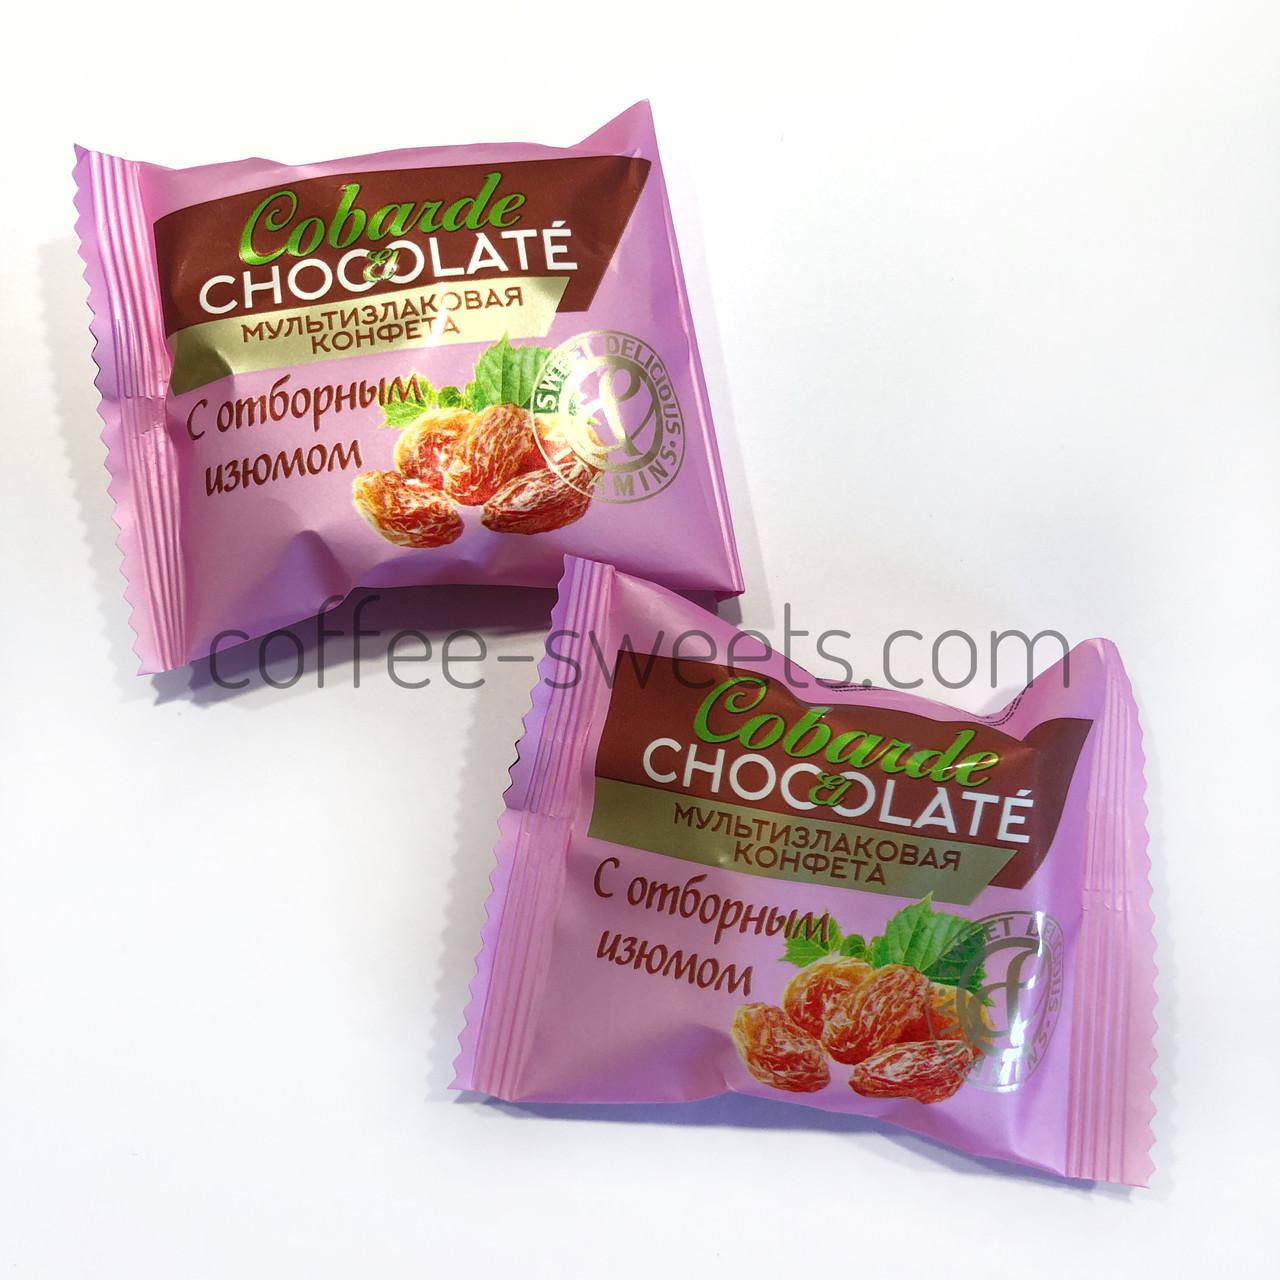 Конфеты Co Barre de chocolat с отборным изюмом